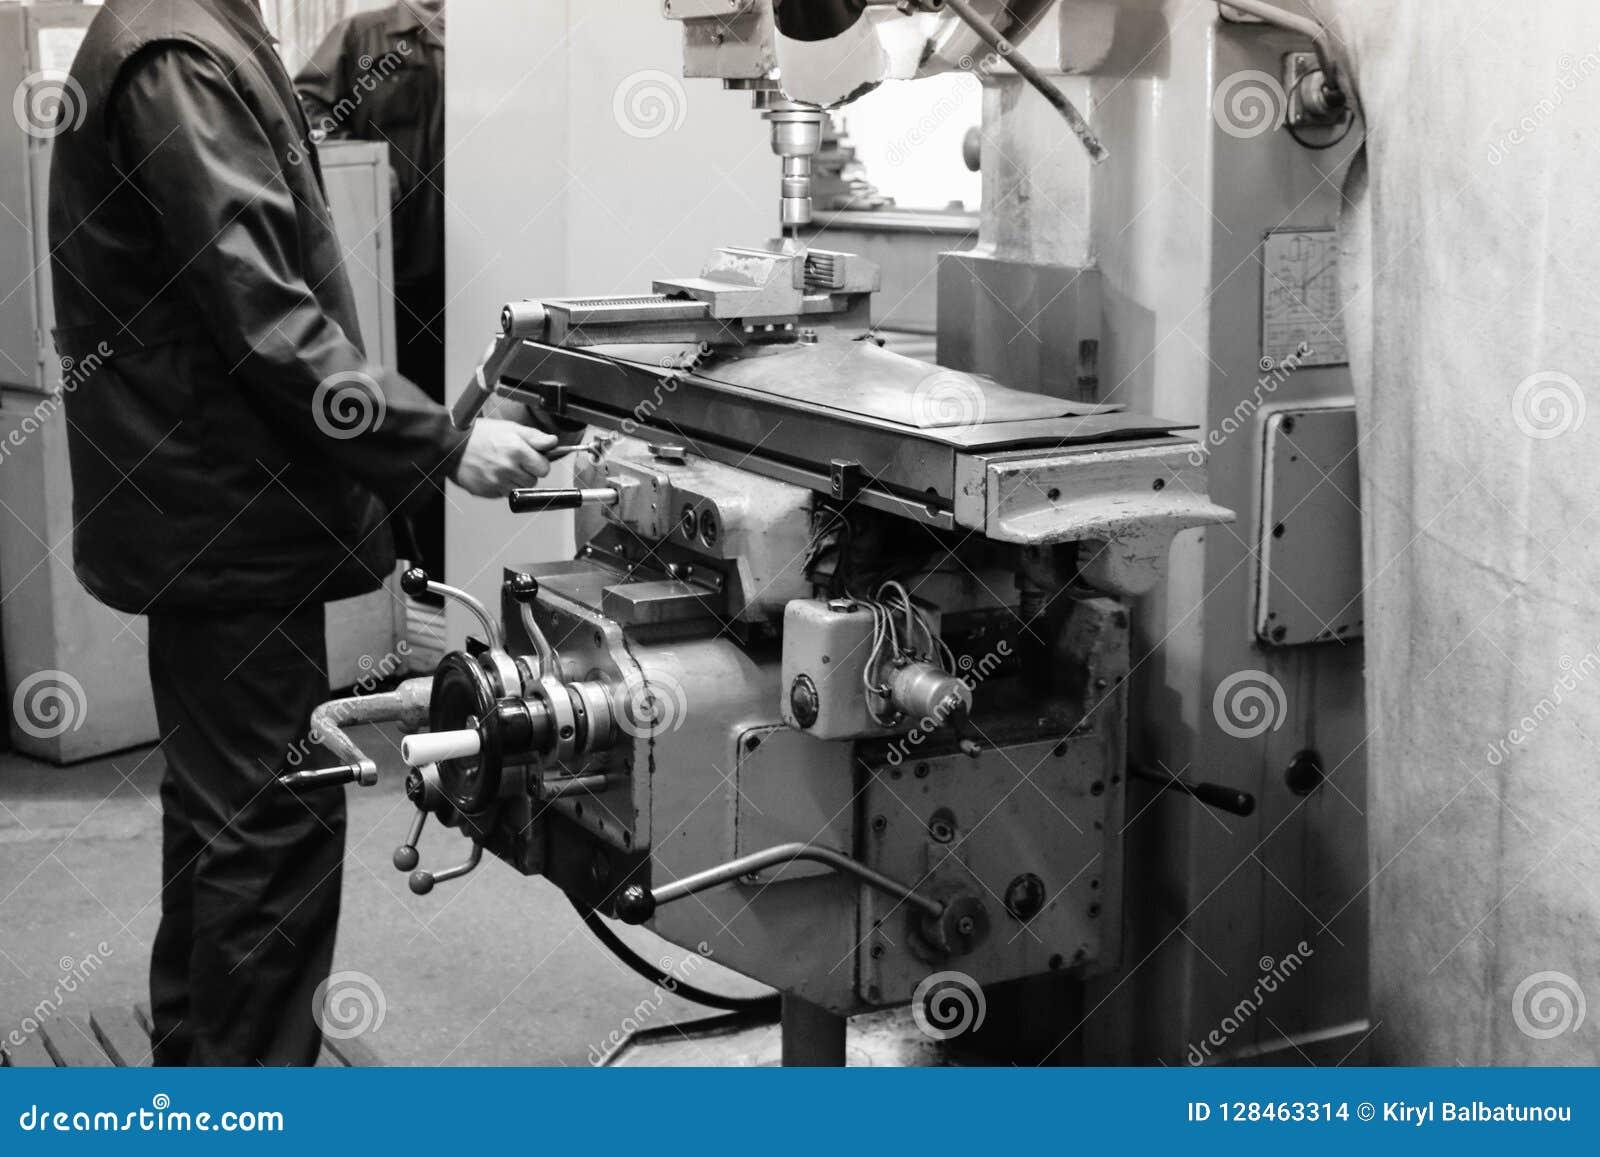 Um trabalhador masculino trabalha em um torno maior do serralheiro do ferro do metal, equipamento para reparos, trabalho do metal